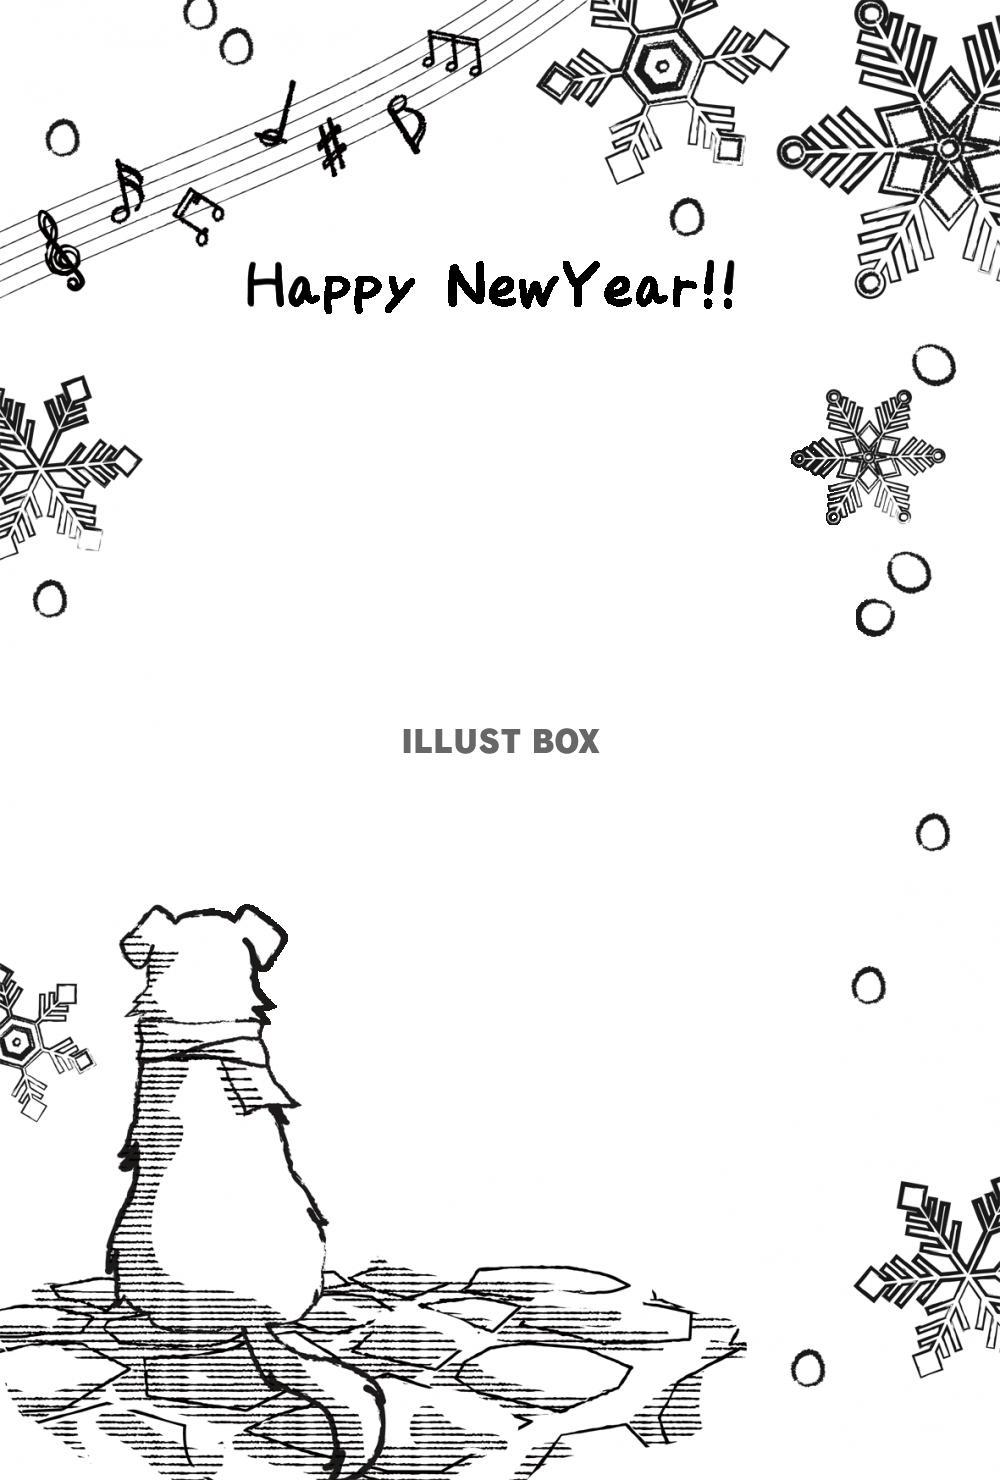 無料イラスト シンプルで可愛い戌年用年賀状テンプレート